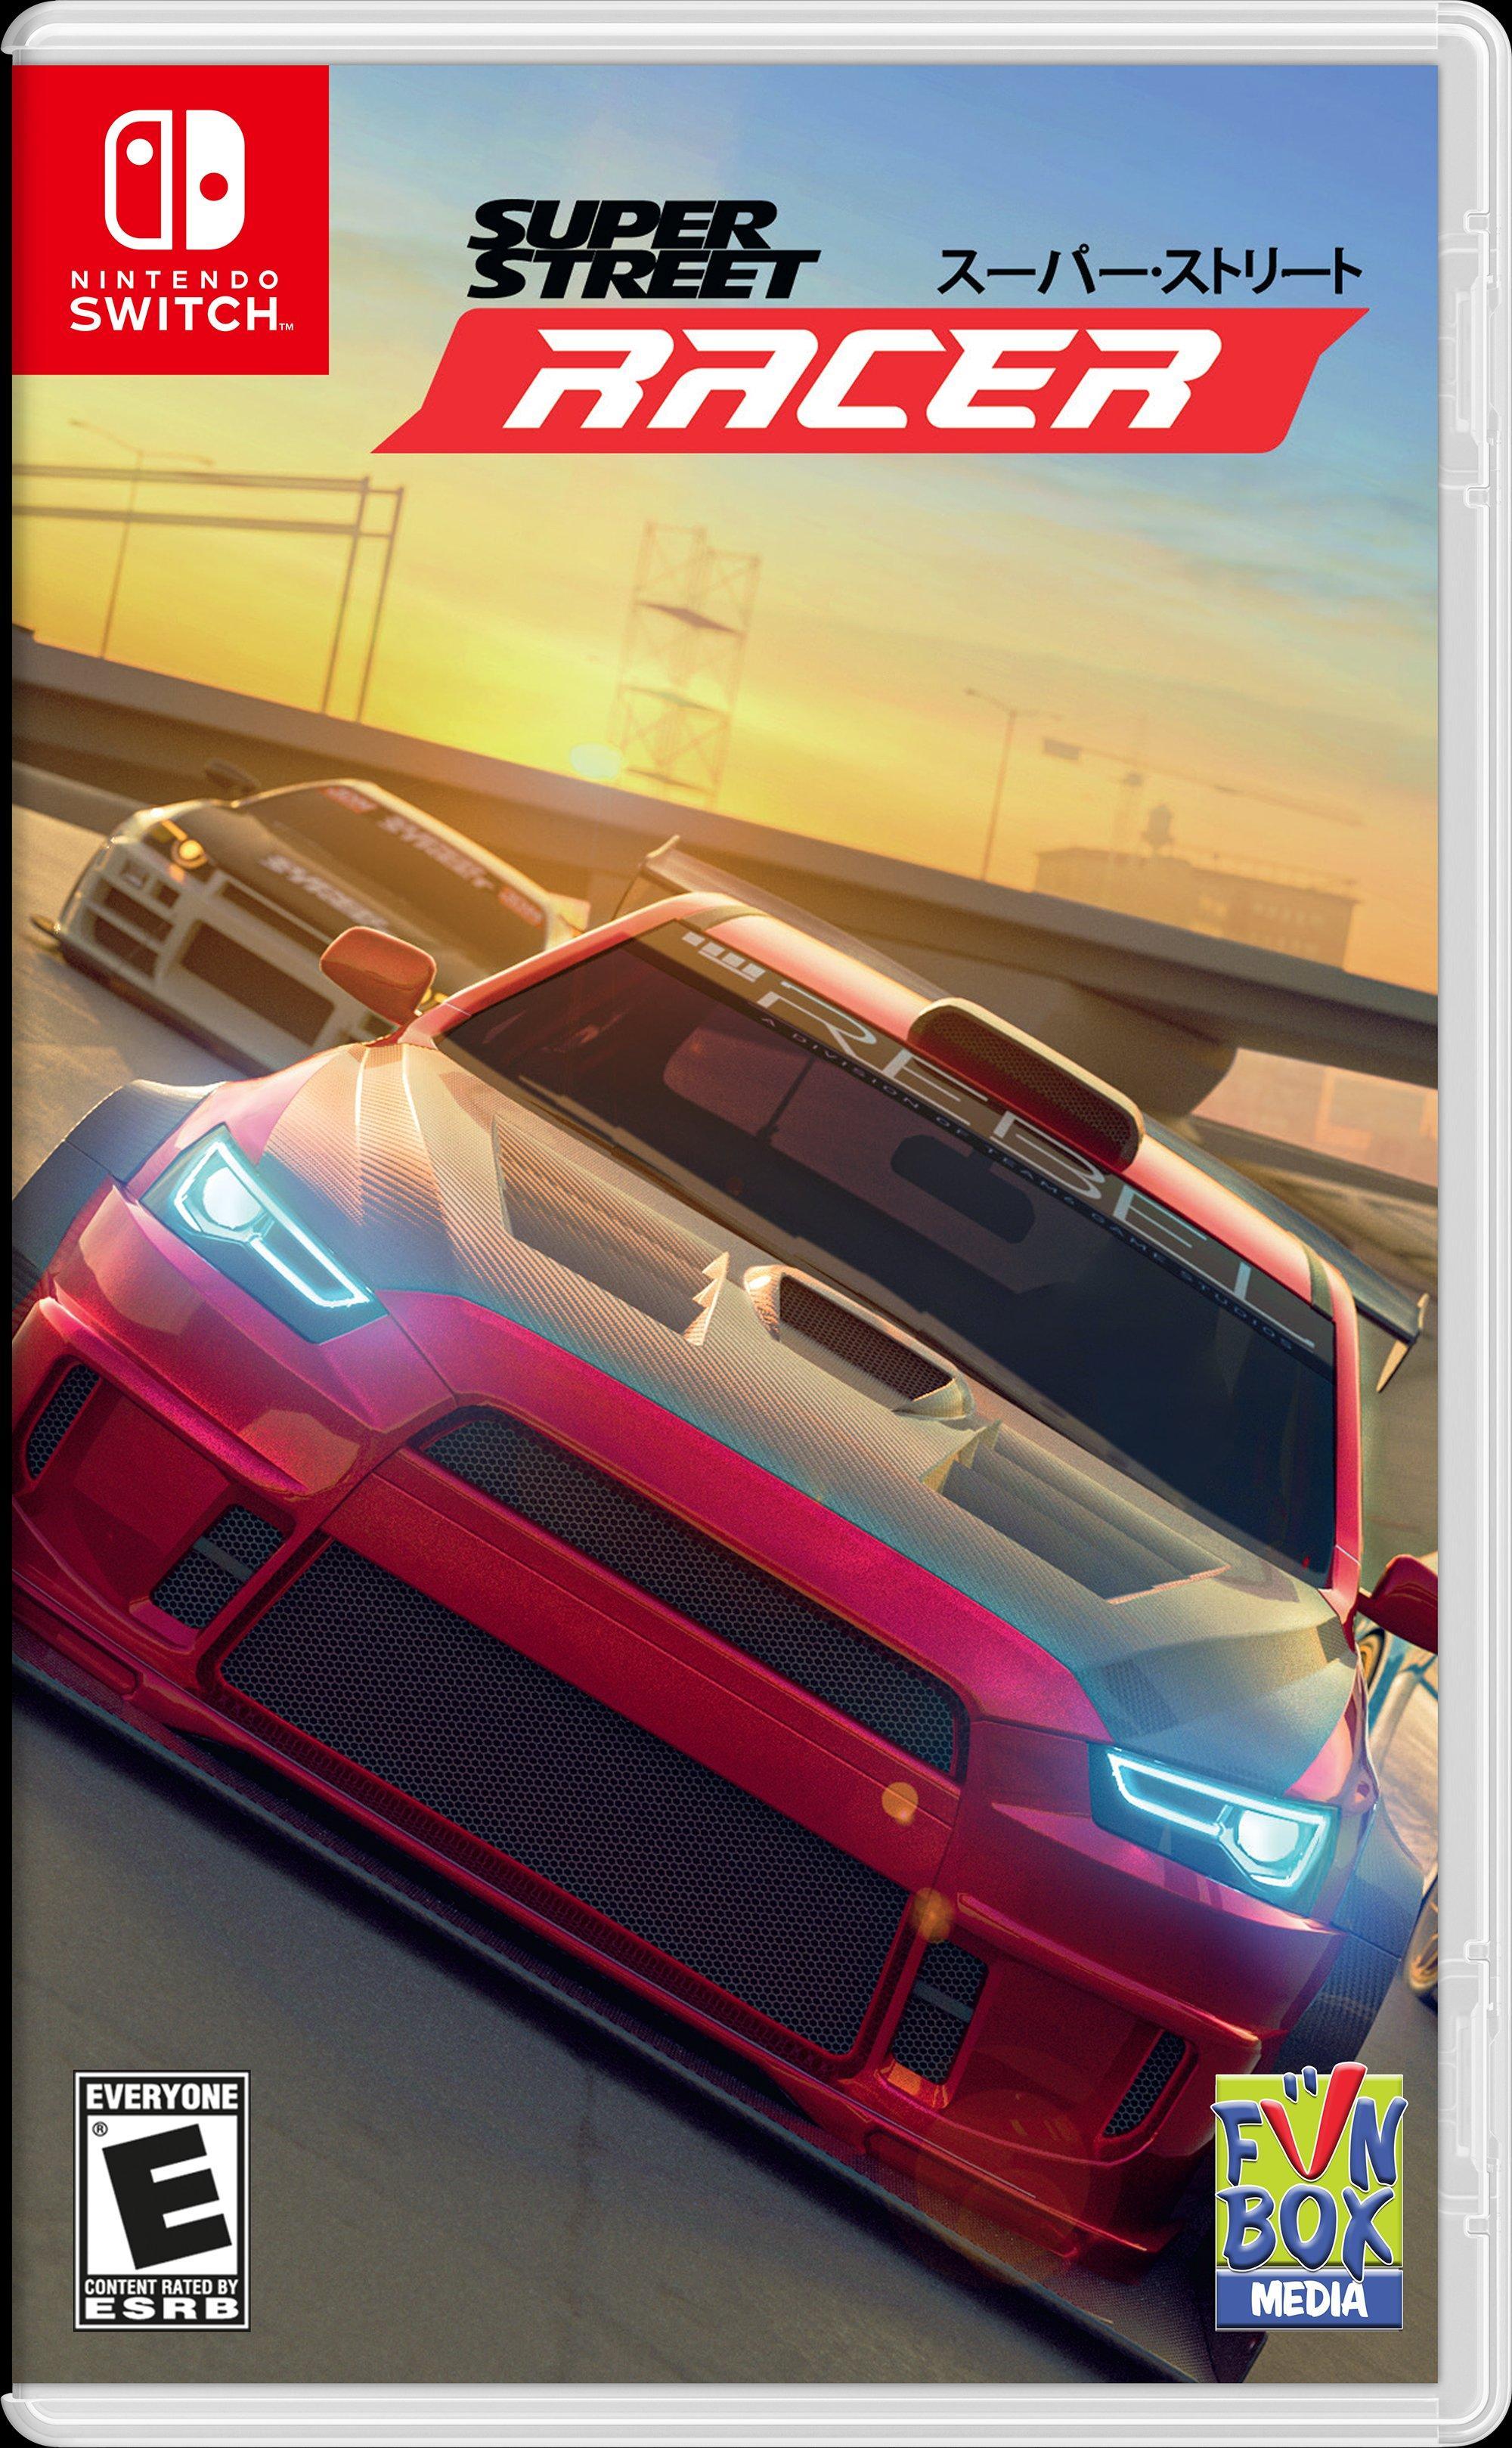 Super Street Racer Nintendo Switch Gamestop